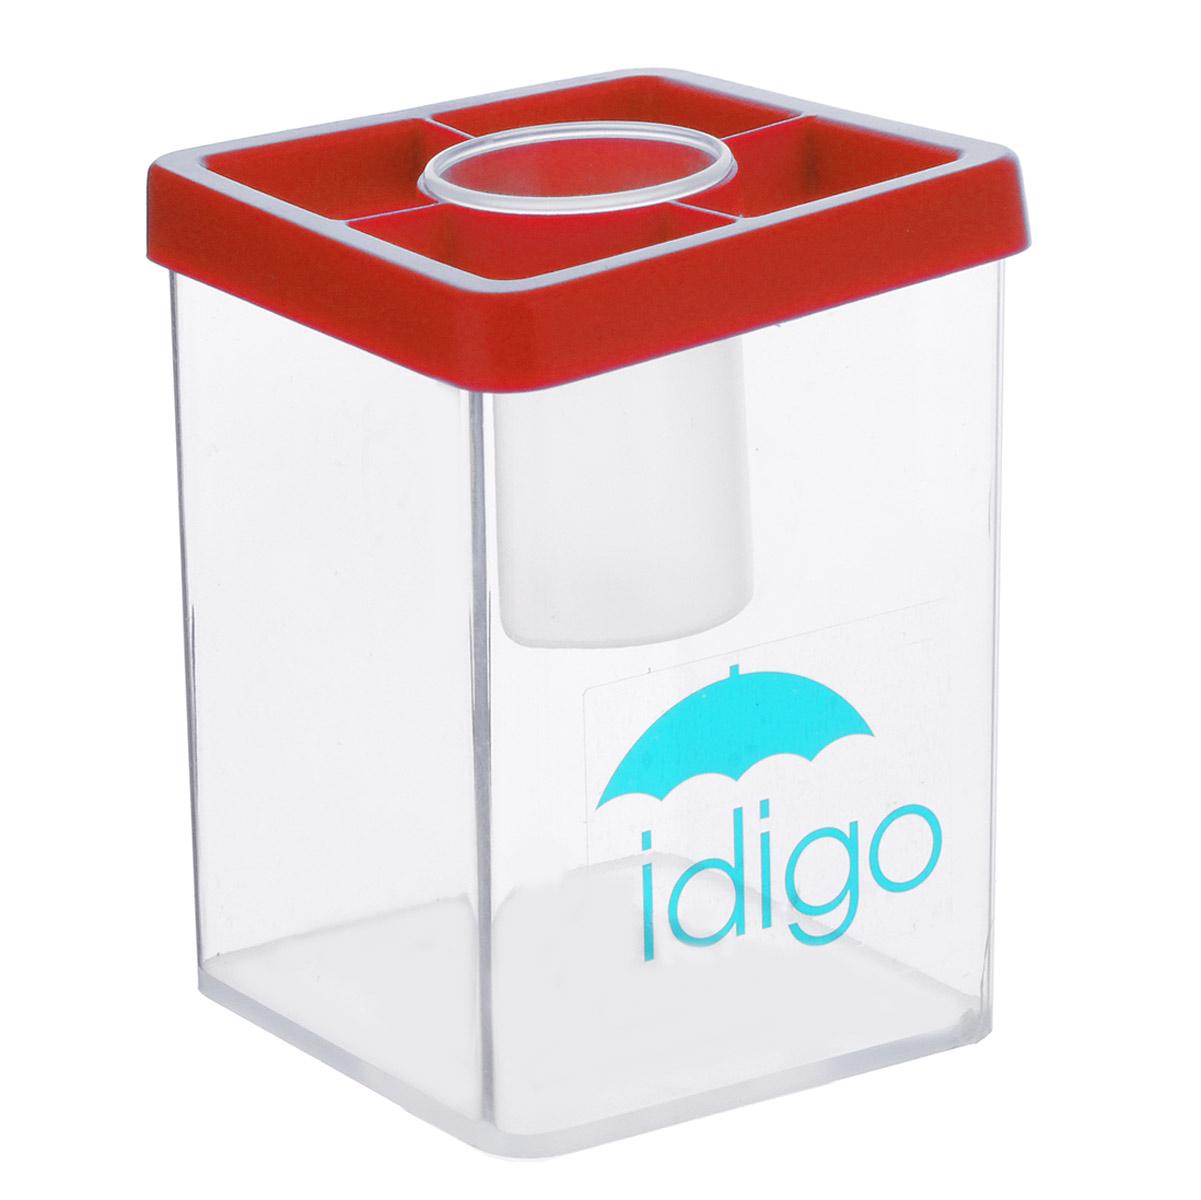 Многофункциональная подставка-стакан Idigo, цвет: красный51000586/sa951Многофункциональный стакан из пластика Idigo станет незаменимым атрибутом на письменном столе ребенка. Он идеально подходит для мытья кистей во время рисования. Кроме того, удобный стакан может быть использован для хранения кистей, карандашей, ручек и фломастеров. А благодаря небольшой круглой баночке, расположенной в центре стакана, скрепки, кнопки и ластики не потеряются.